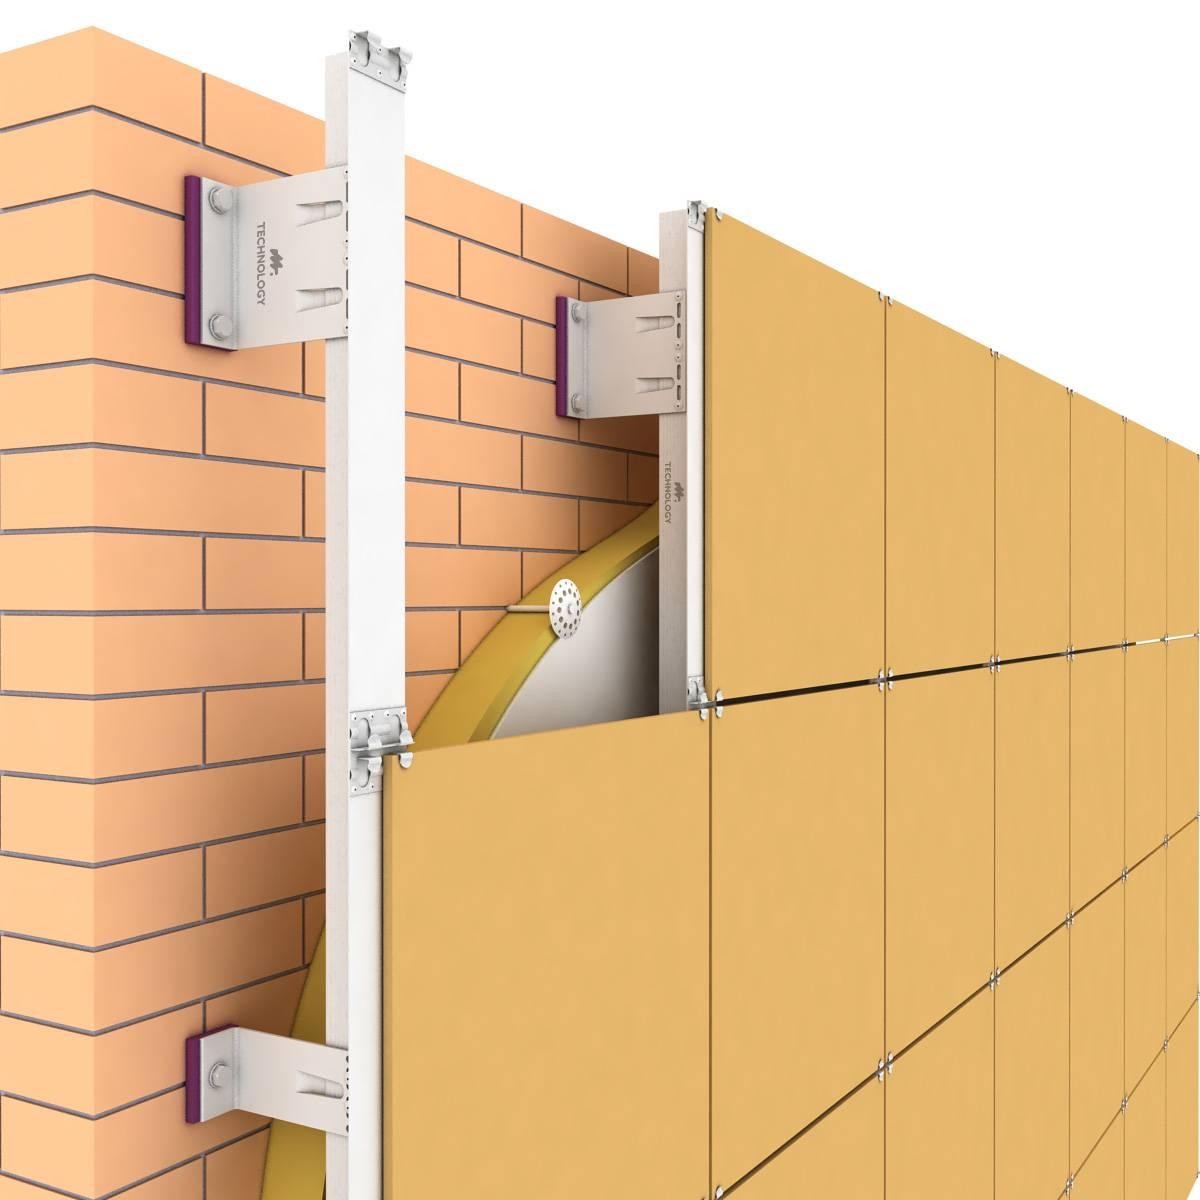 Подсистема для вентилируемого фасада – основные особенности и составные части